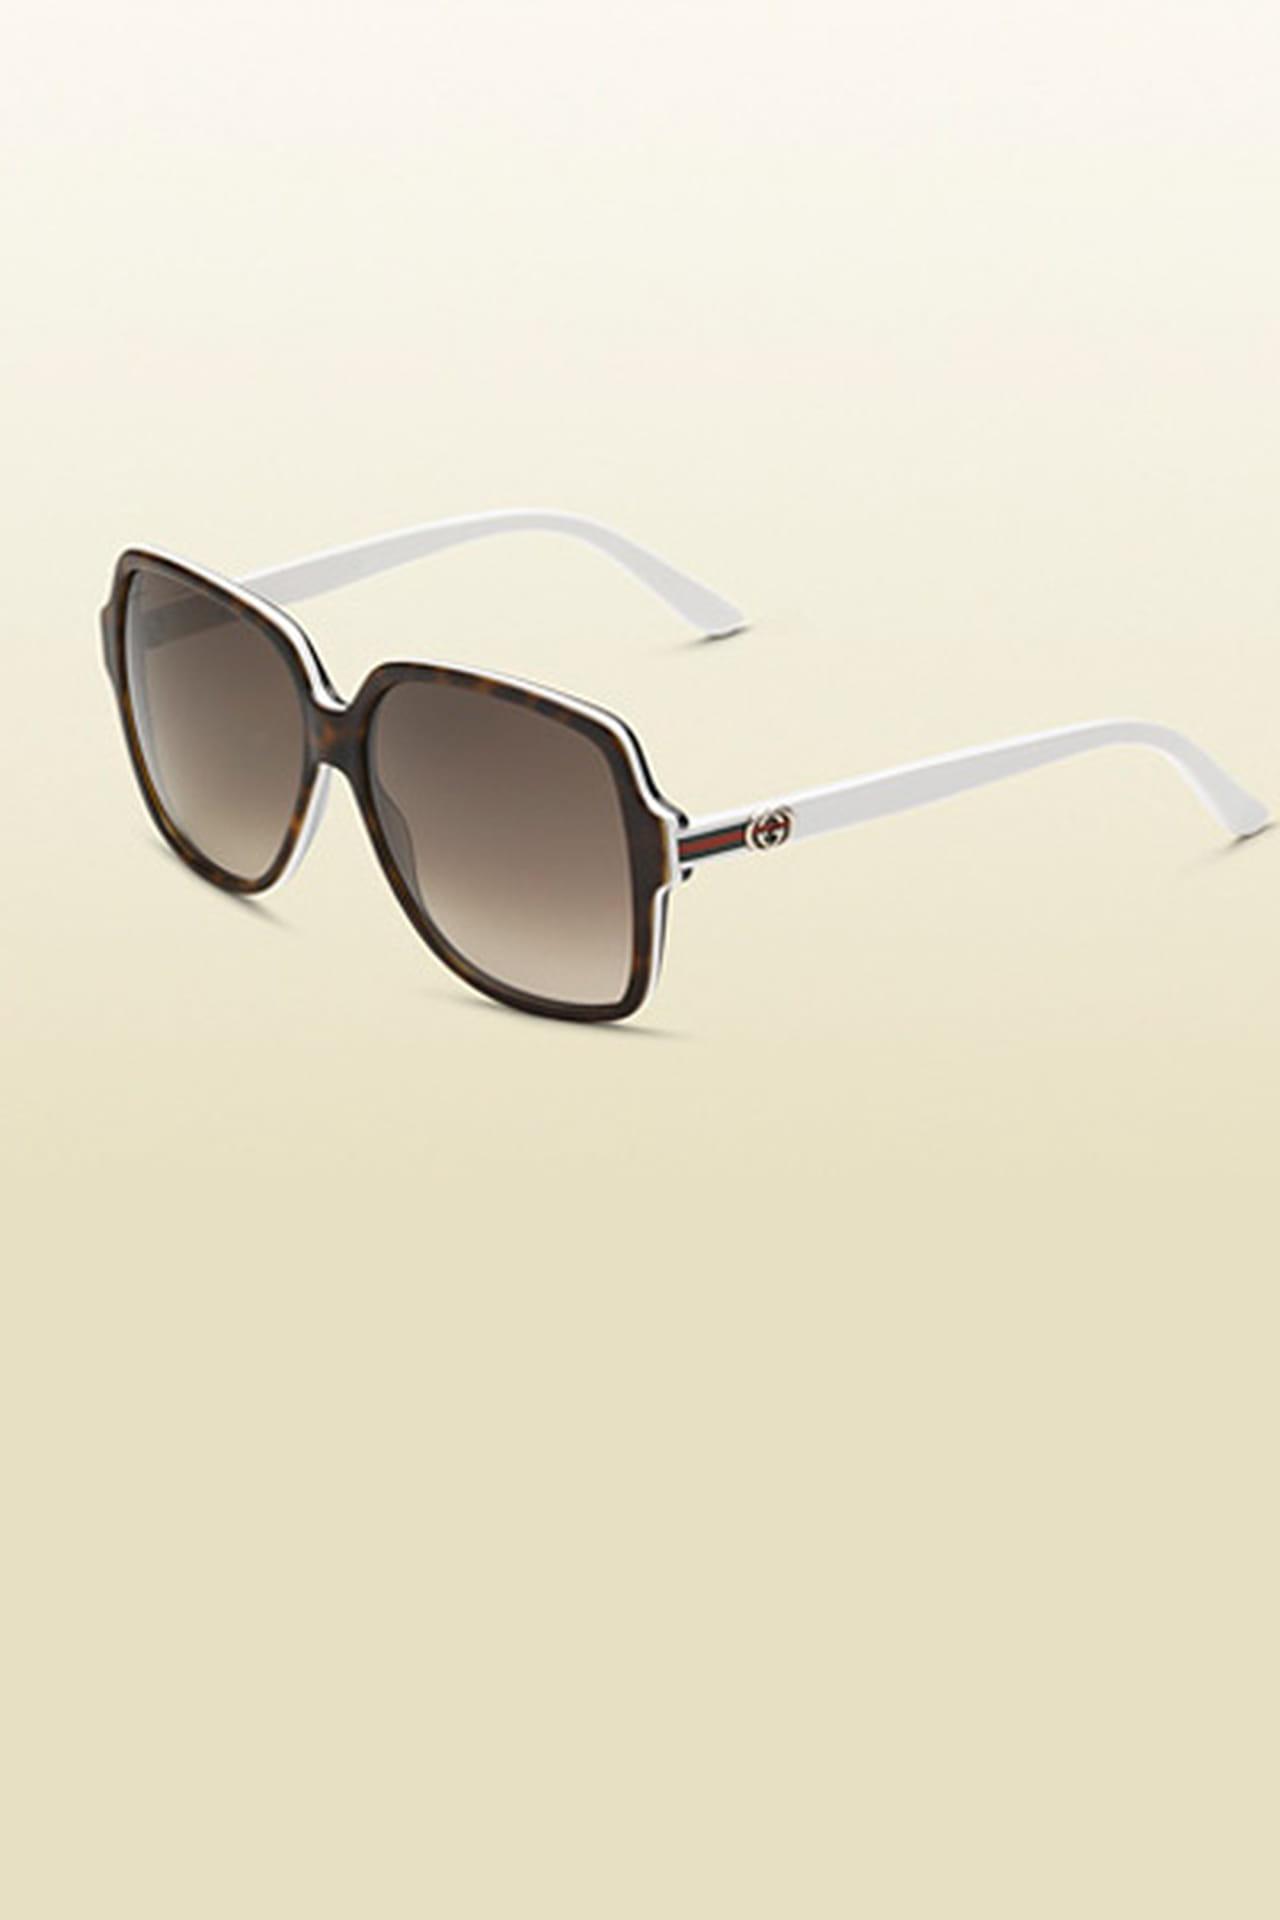 ca0fec452 نظارة شمسية كبيرة على شكل مربع من Gucci. من مجموعة Gucci لربيع وصيف 2013